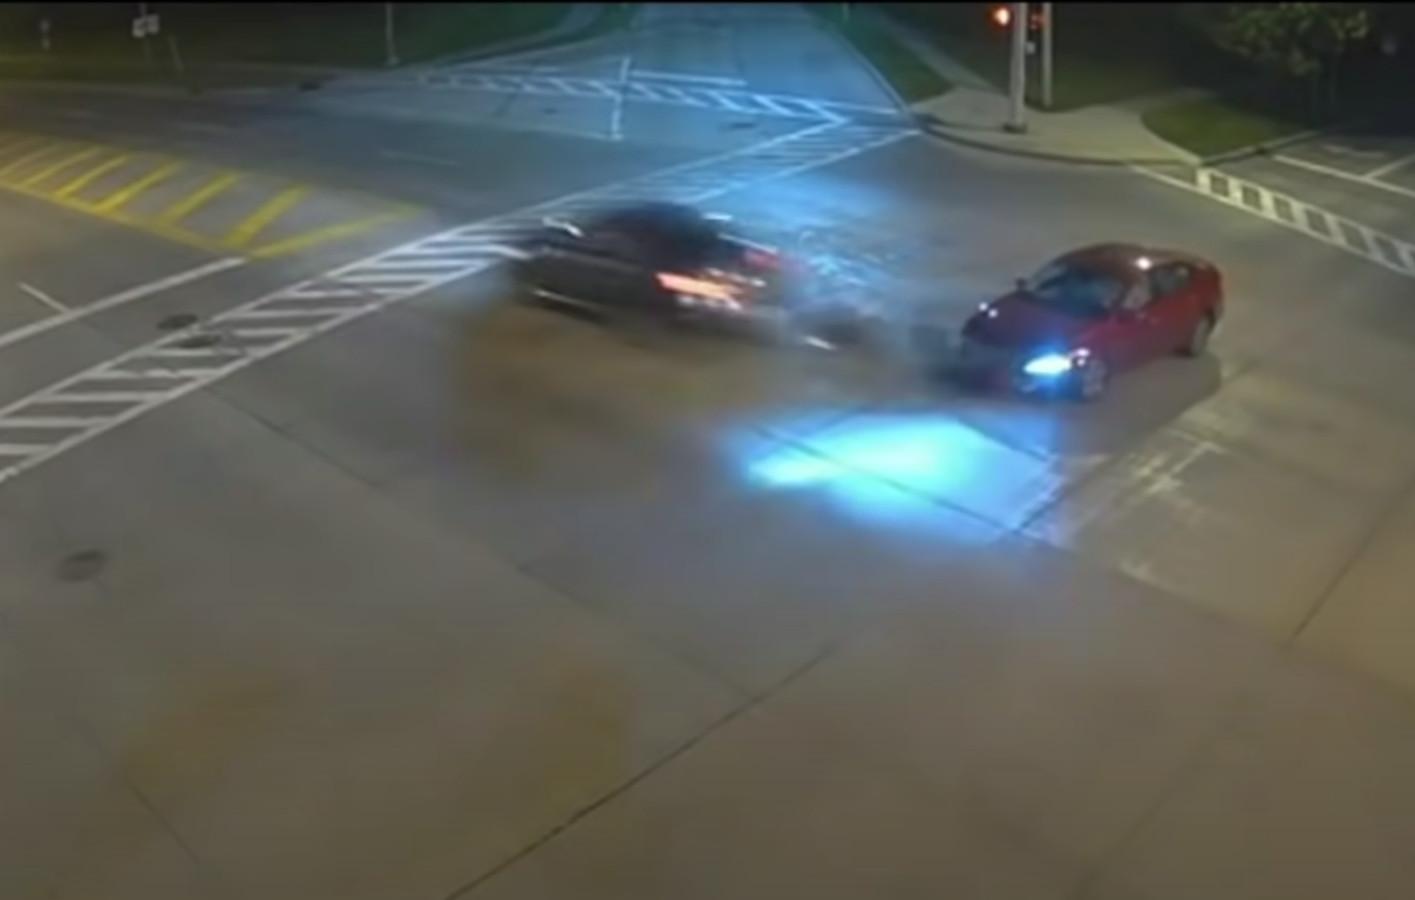 Eén van de crashes werd duidelijk op video vastgelegd. Het rijgedrag van de vrouw kostte de andere auto z'n neus.